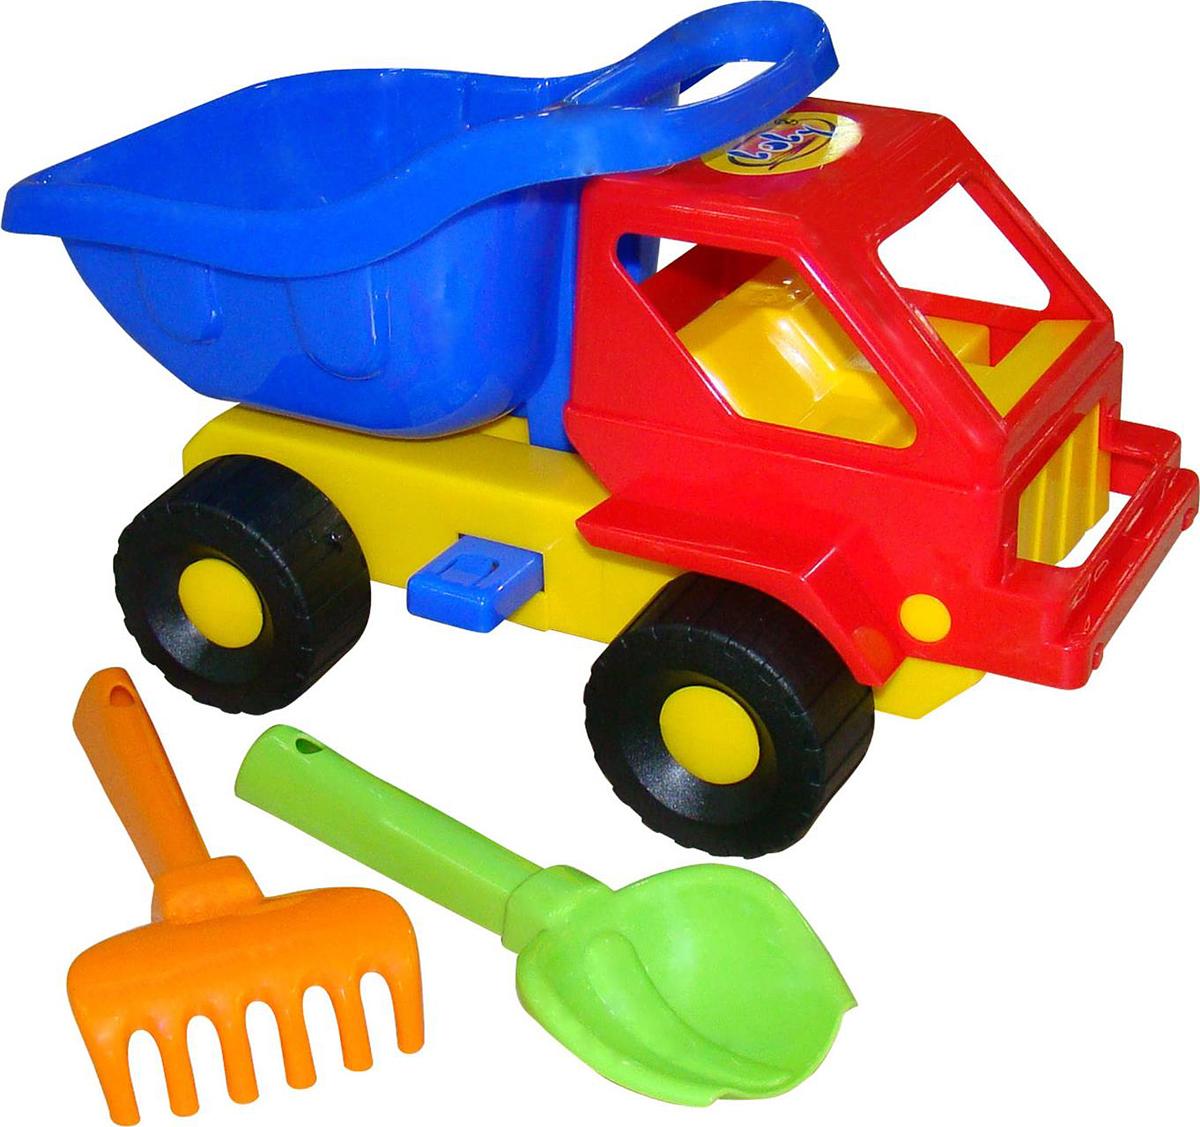 Полесье Набор игрушек для песочницы №43 Кузя-2 набор для песочницы полесье 41 кузя 2